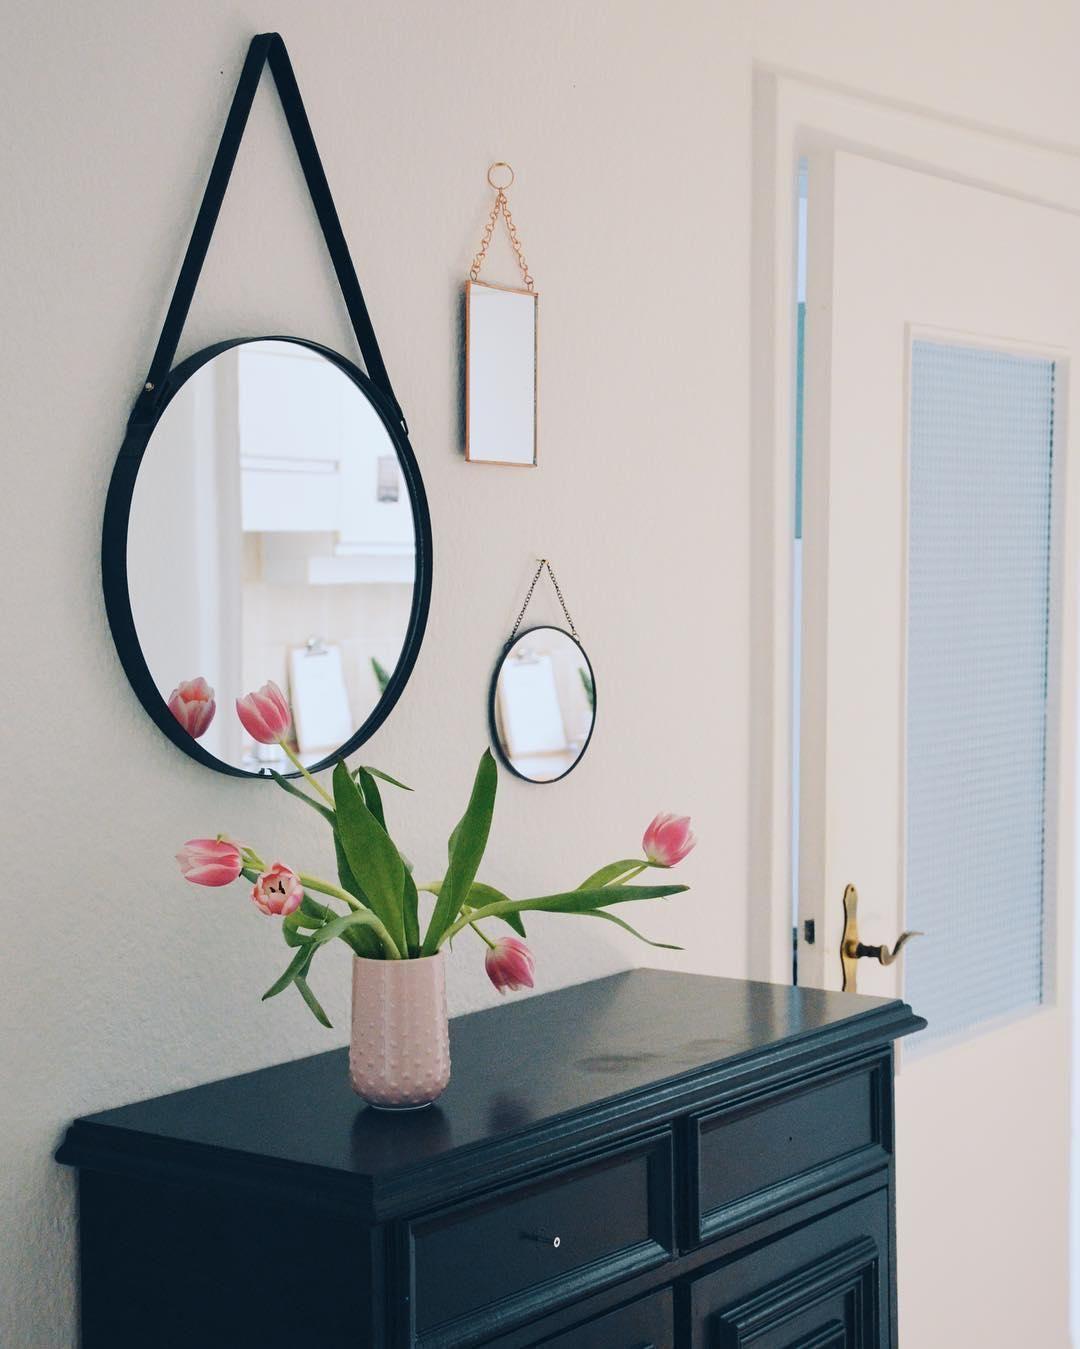 Runder Wandspiegel Liz Mit Schwarzer Lederschlaufe Wohnzimmer Spiegel Wandspiegel Wandspiegel Rund